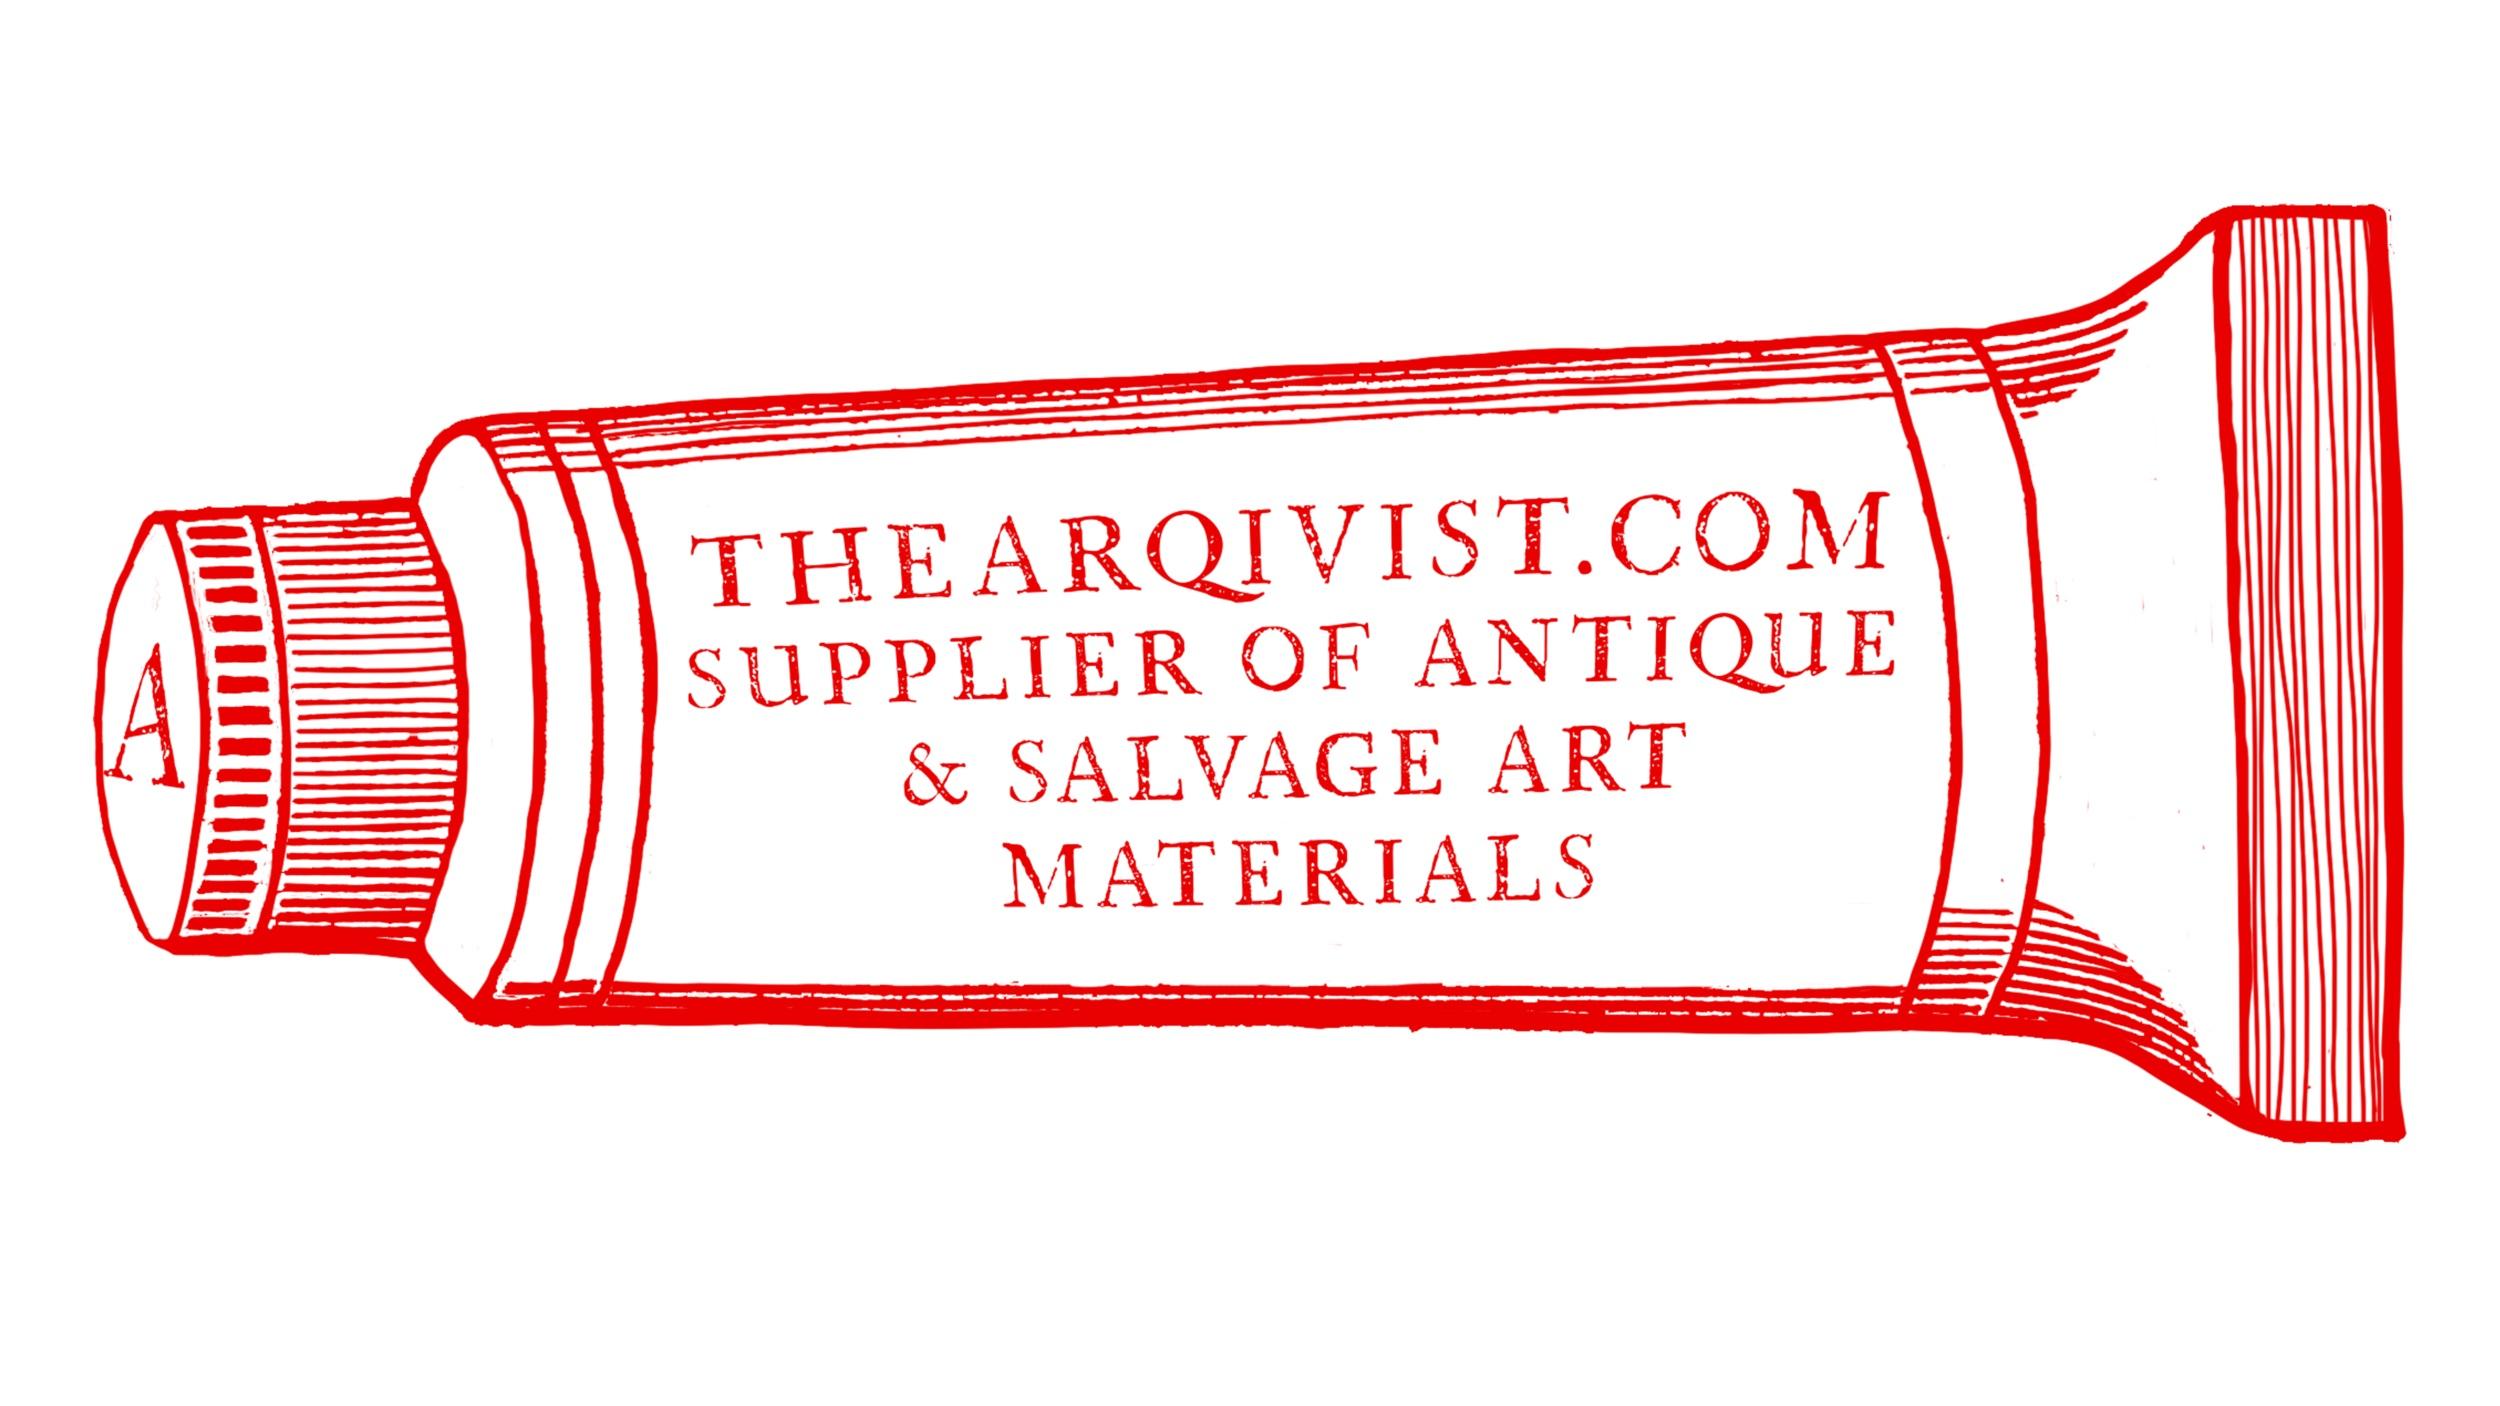 Arqivist+Logo+Red+trans.jpg